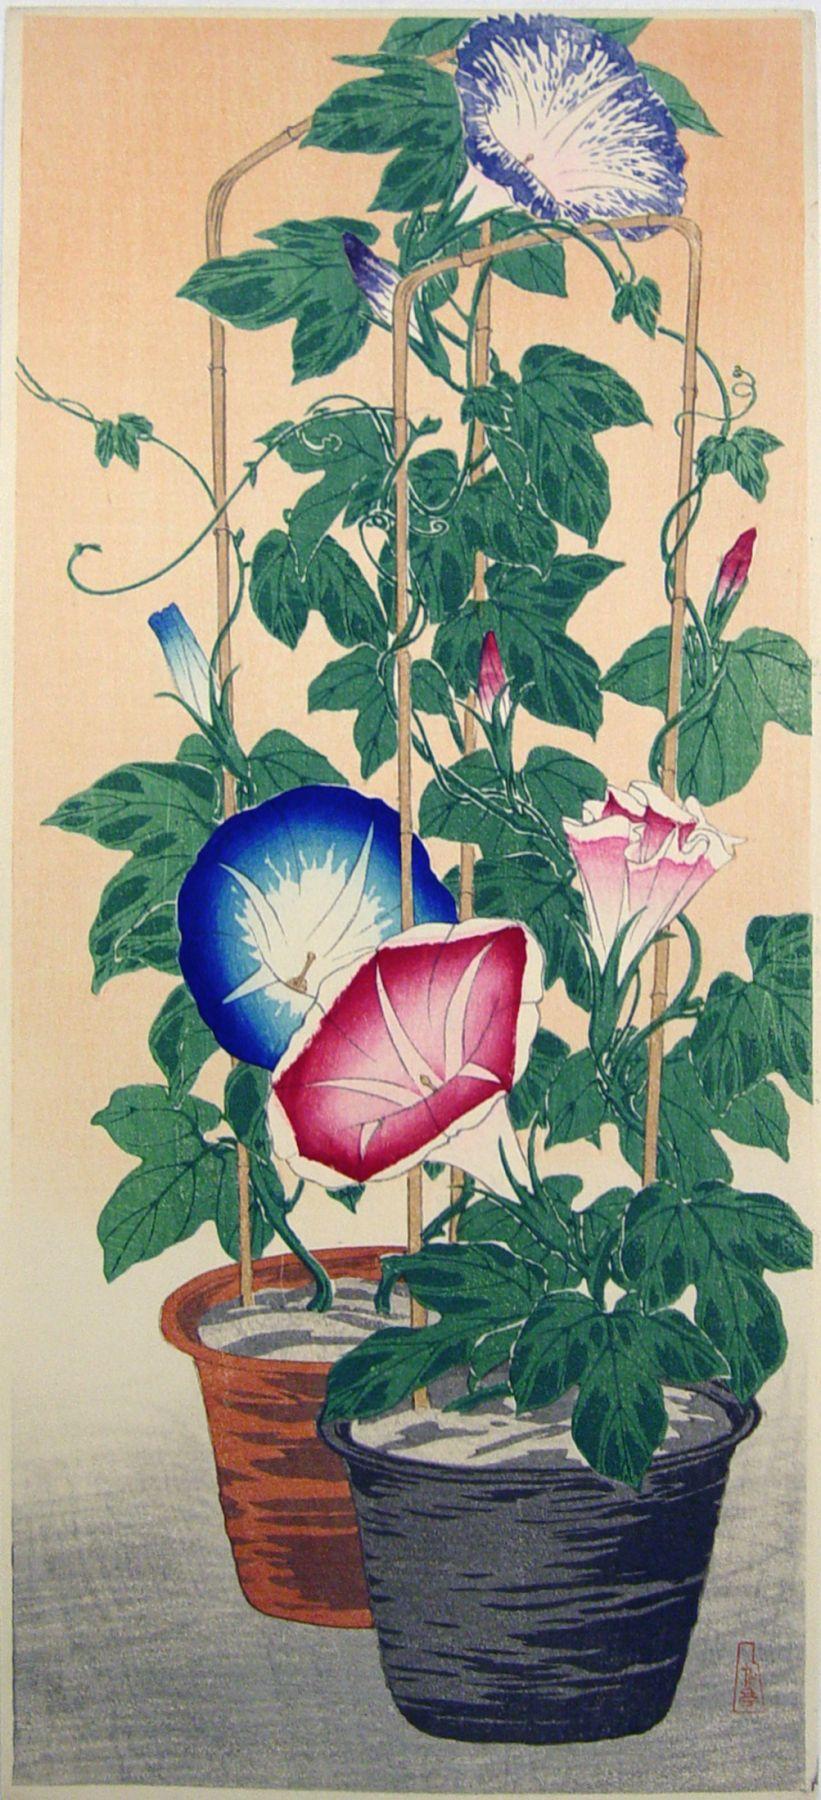 Takahashi Shōtei (1871-1945), Morning glories